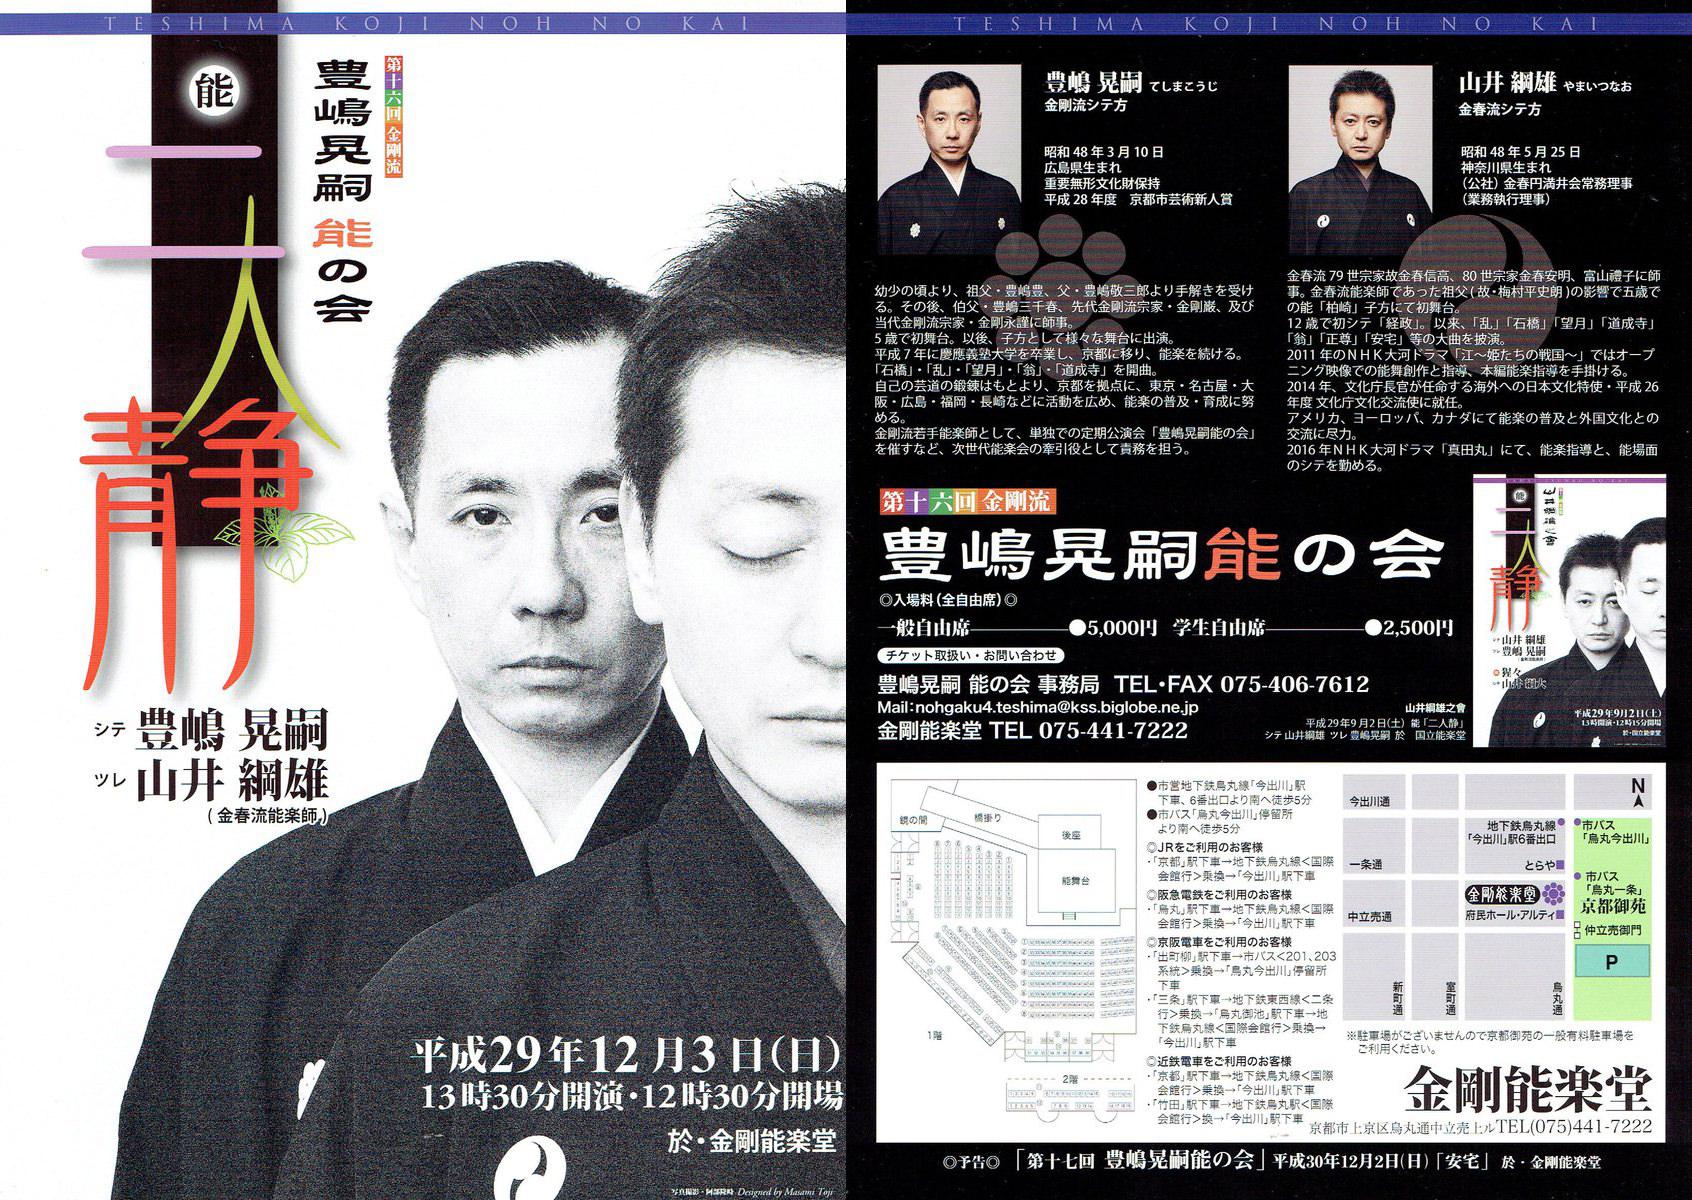 金剛流・金春流による異流共演《二人静》「豊嶋晃嗣能の会」